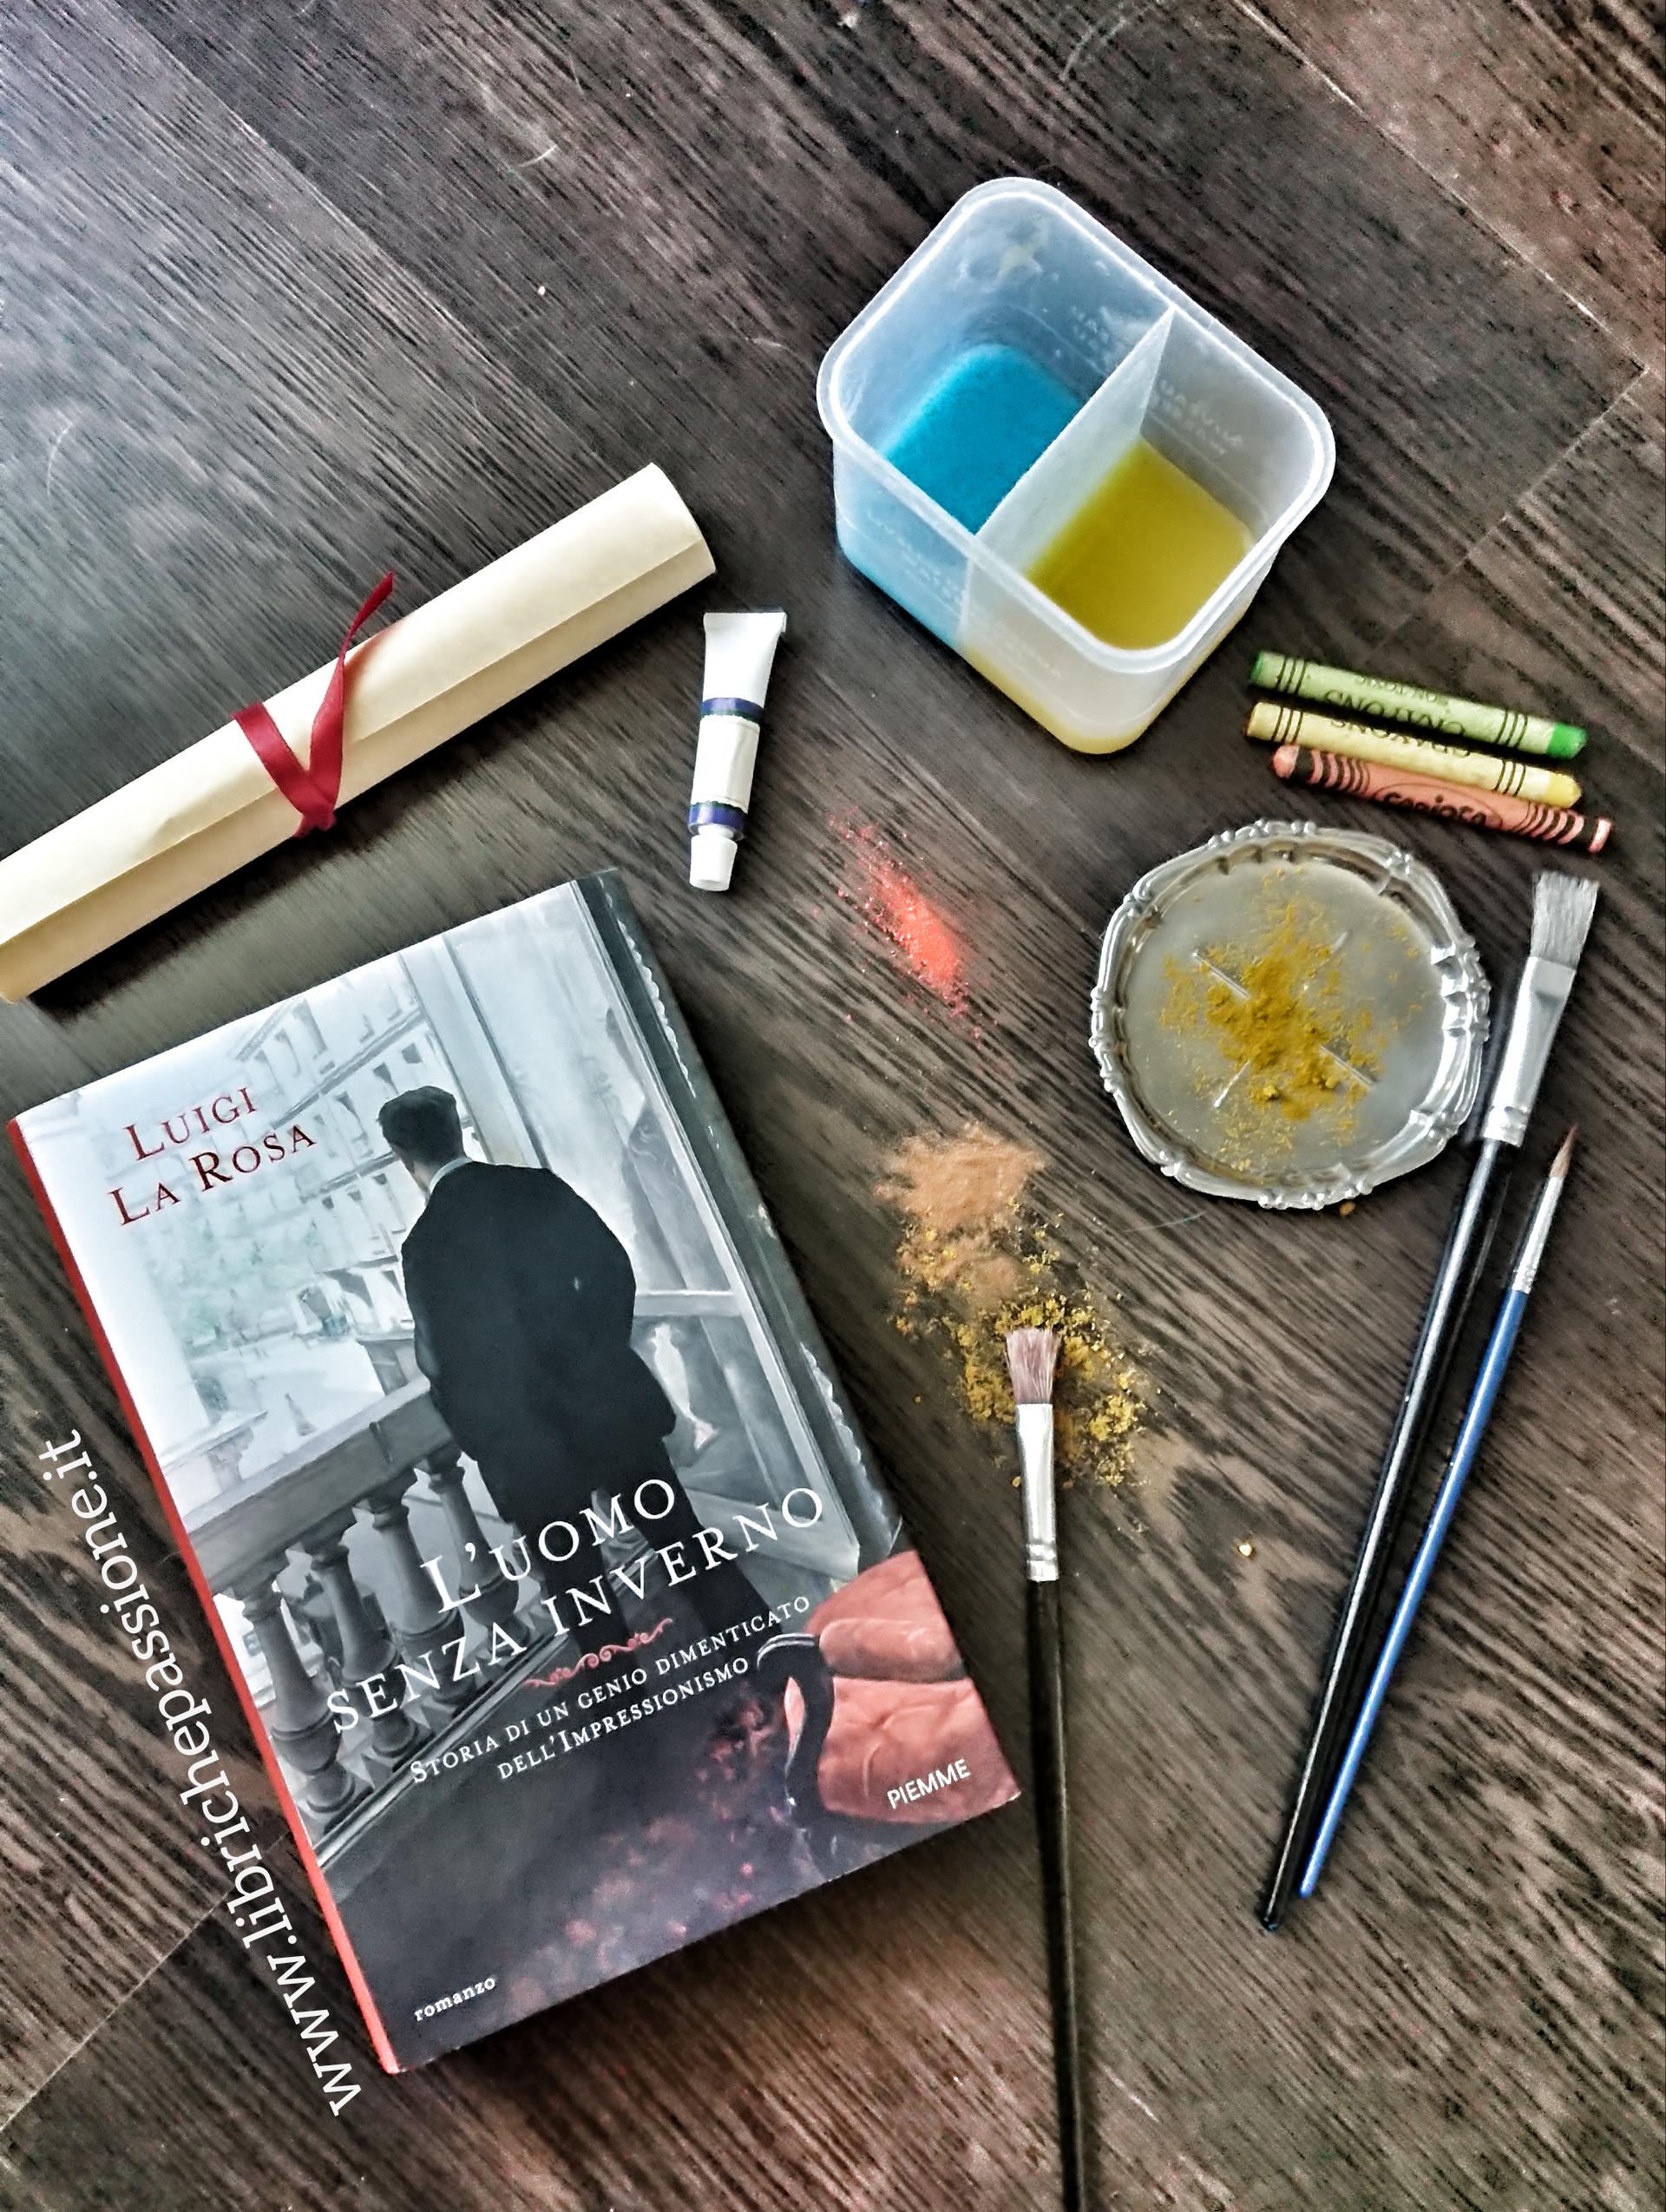 """Recensione del romanzo """"L'uomo senza inverno"""" di Luigi La Rosa edito da Piemme"""